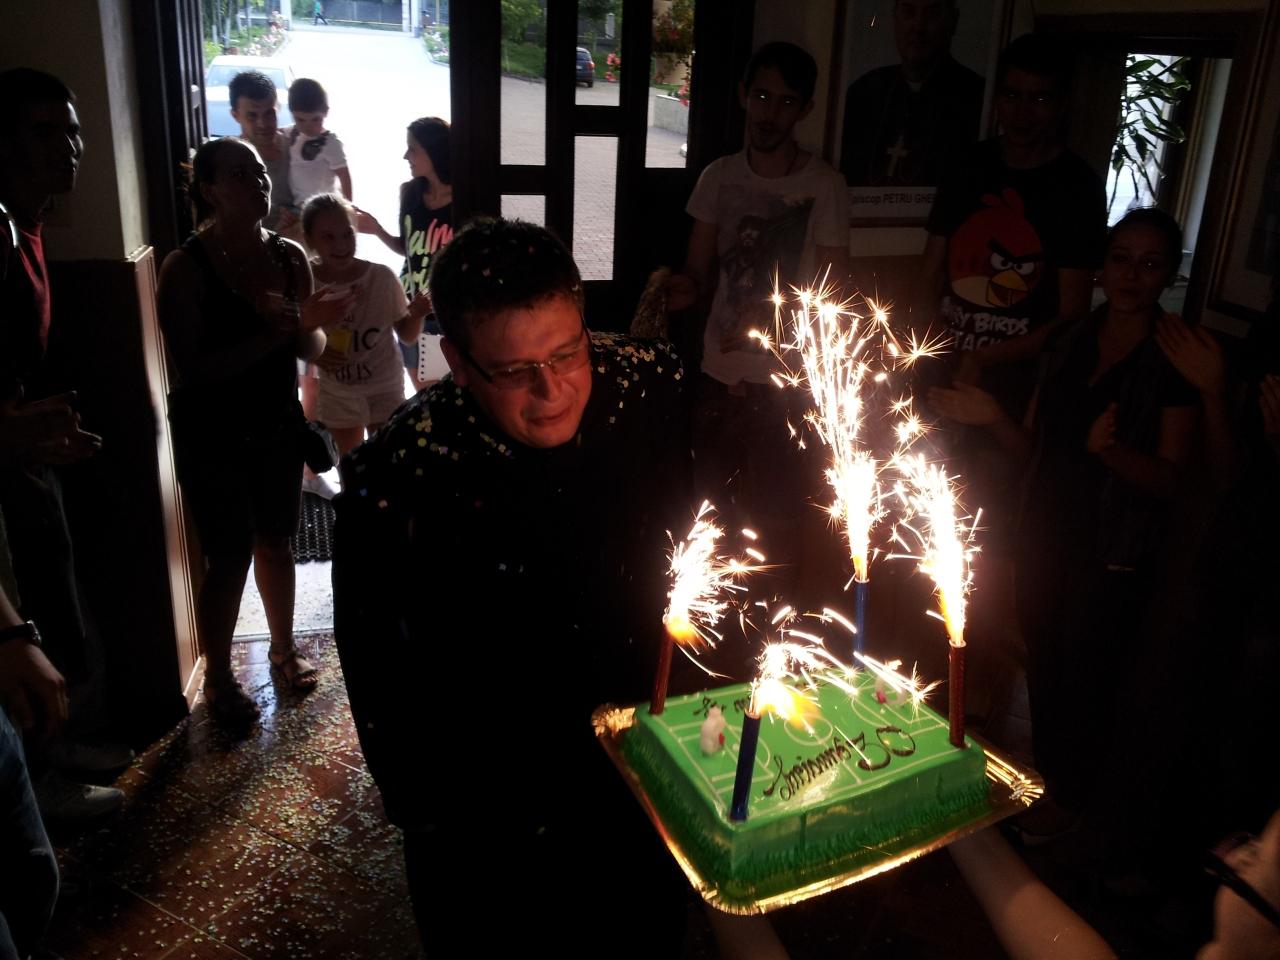 La multi ani Lucian 2013